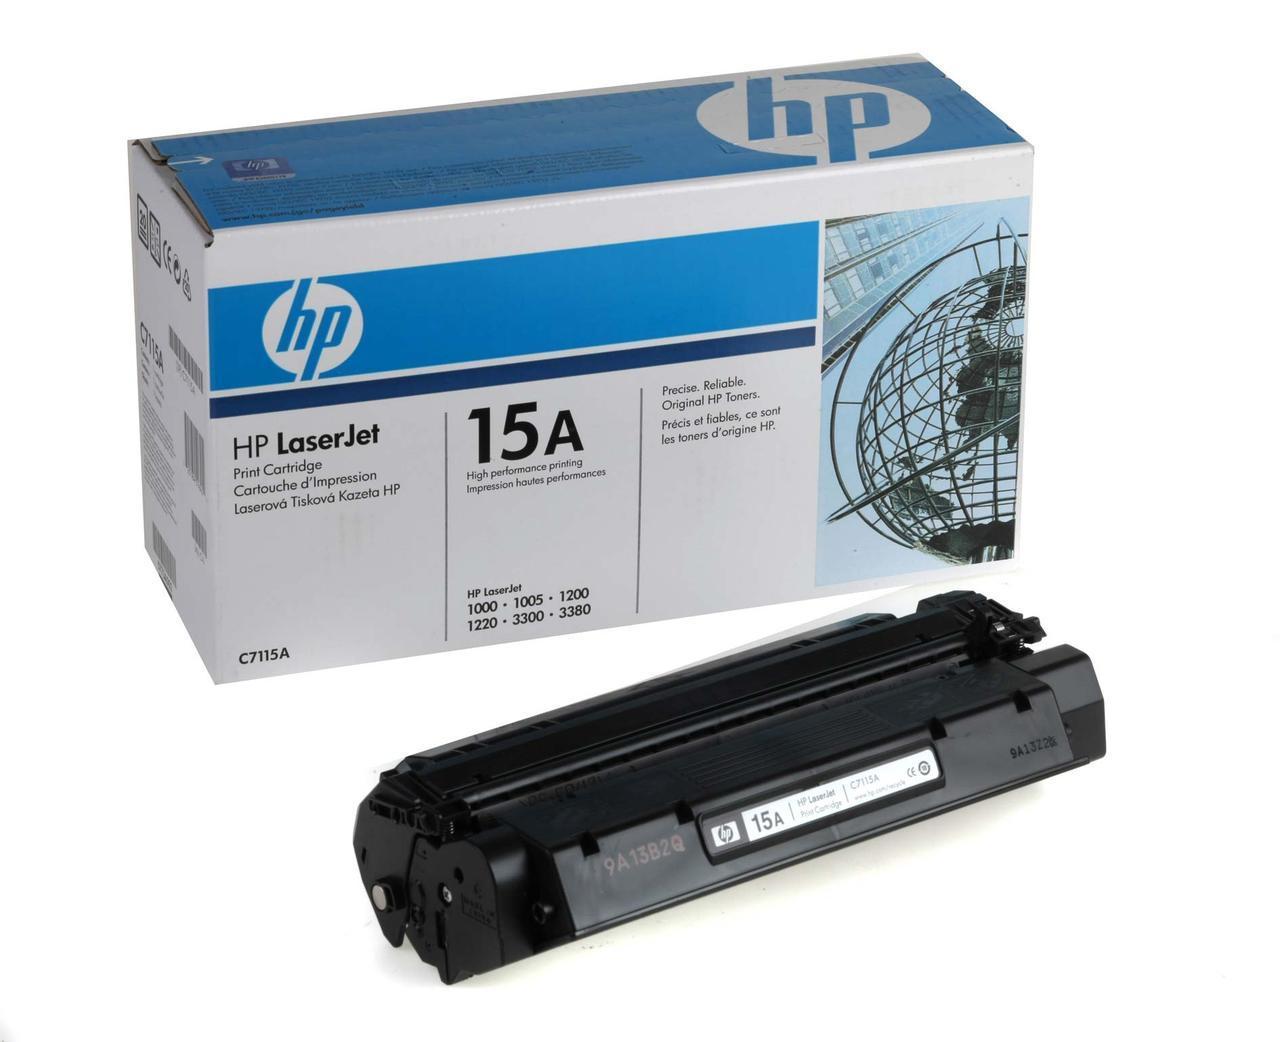 Заправка картриджа для принтера  C7115A  (15A)